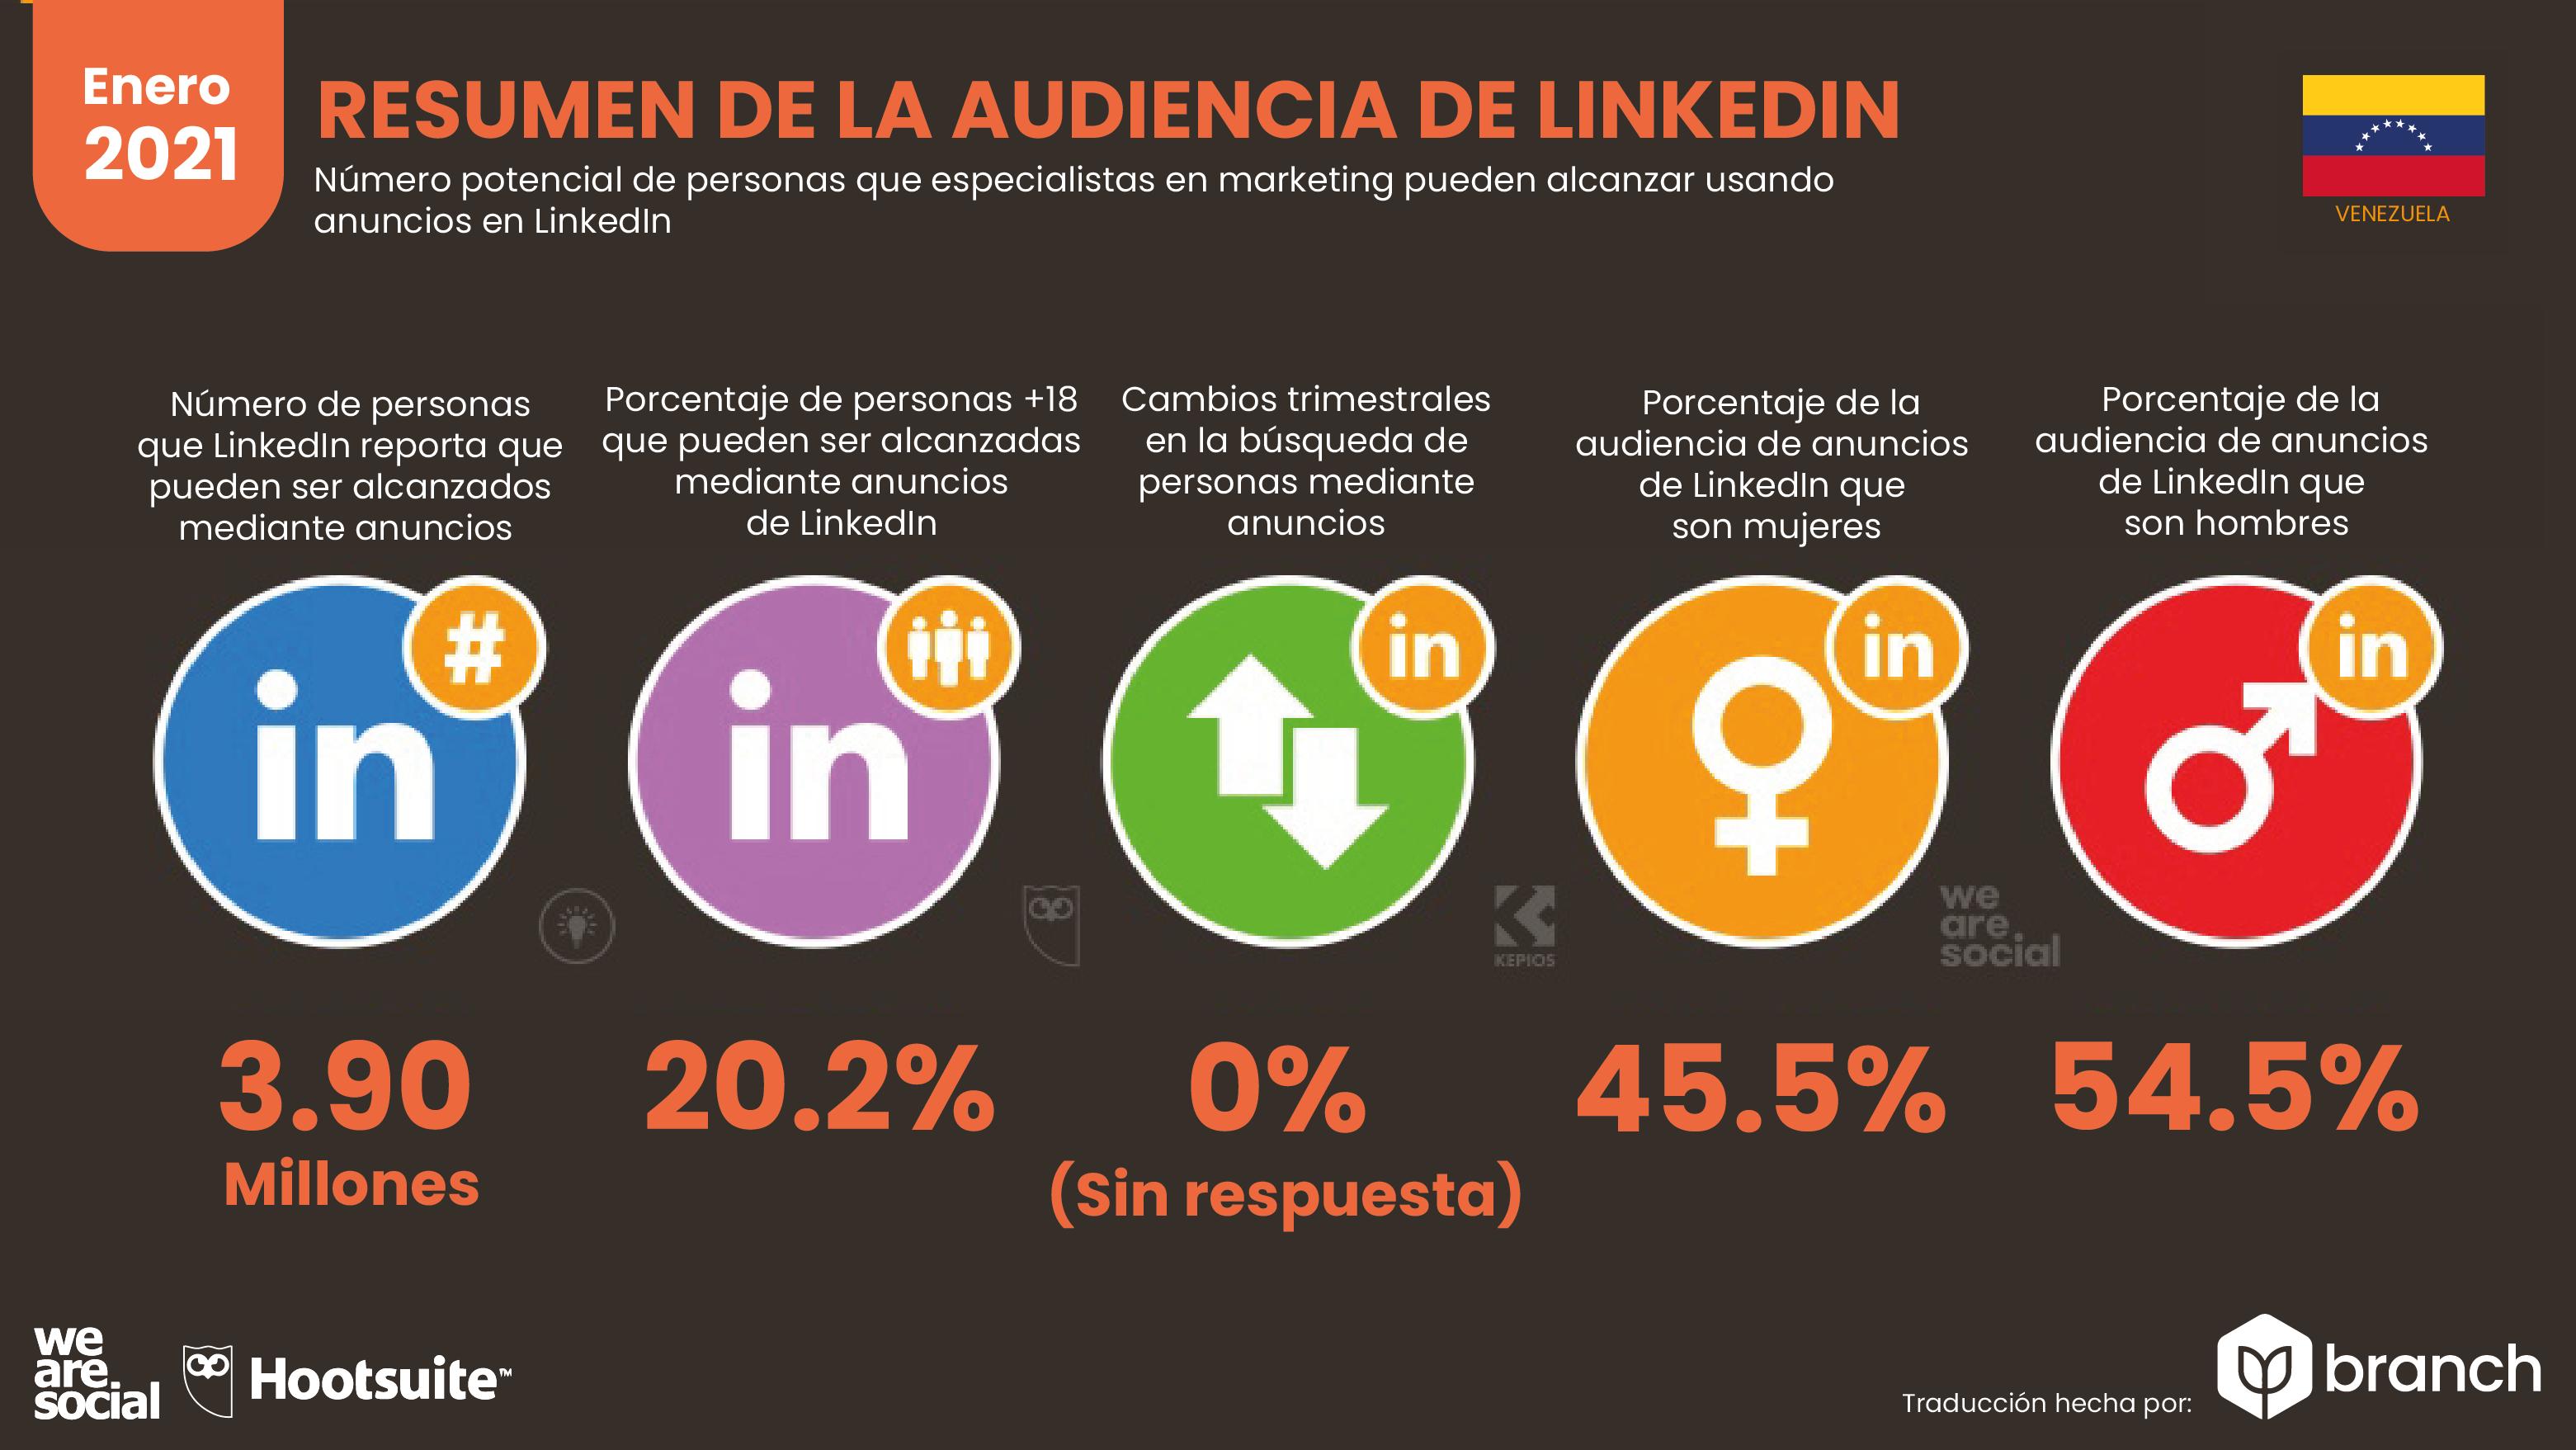 audiencia-de-LinkedIn-en-venezuela-2020-2021